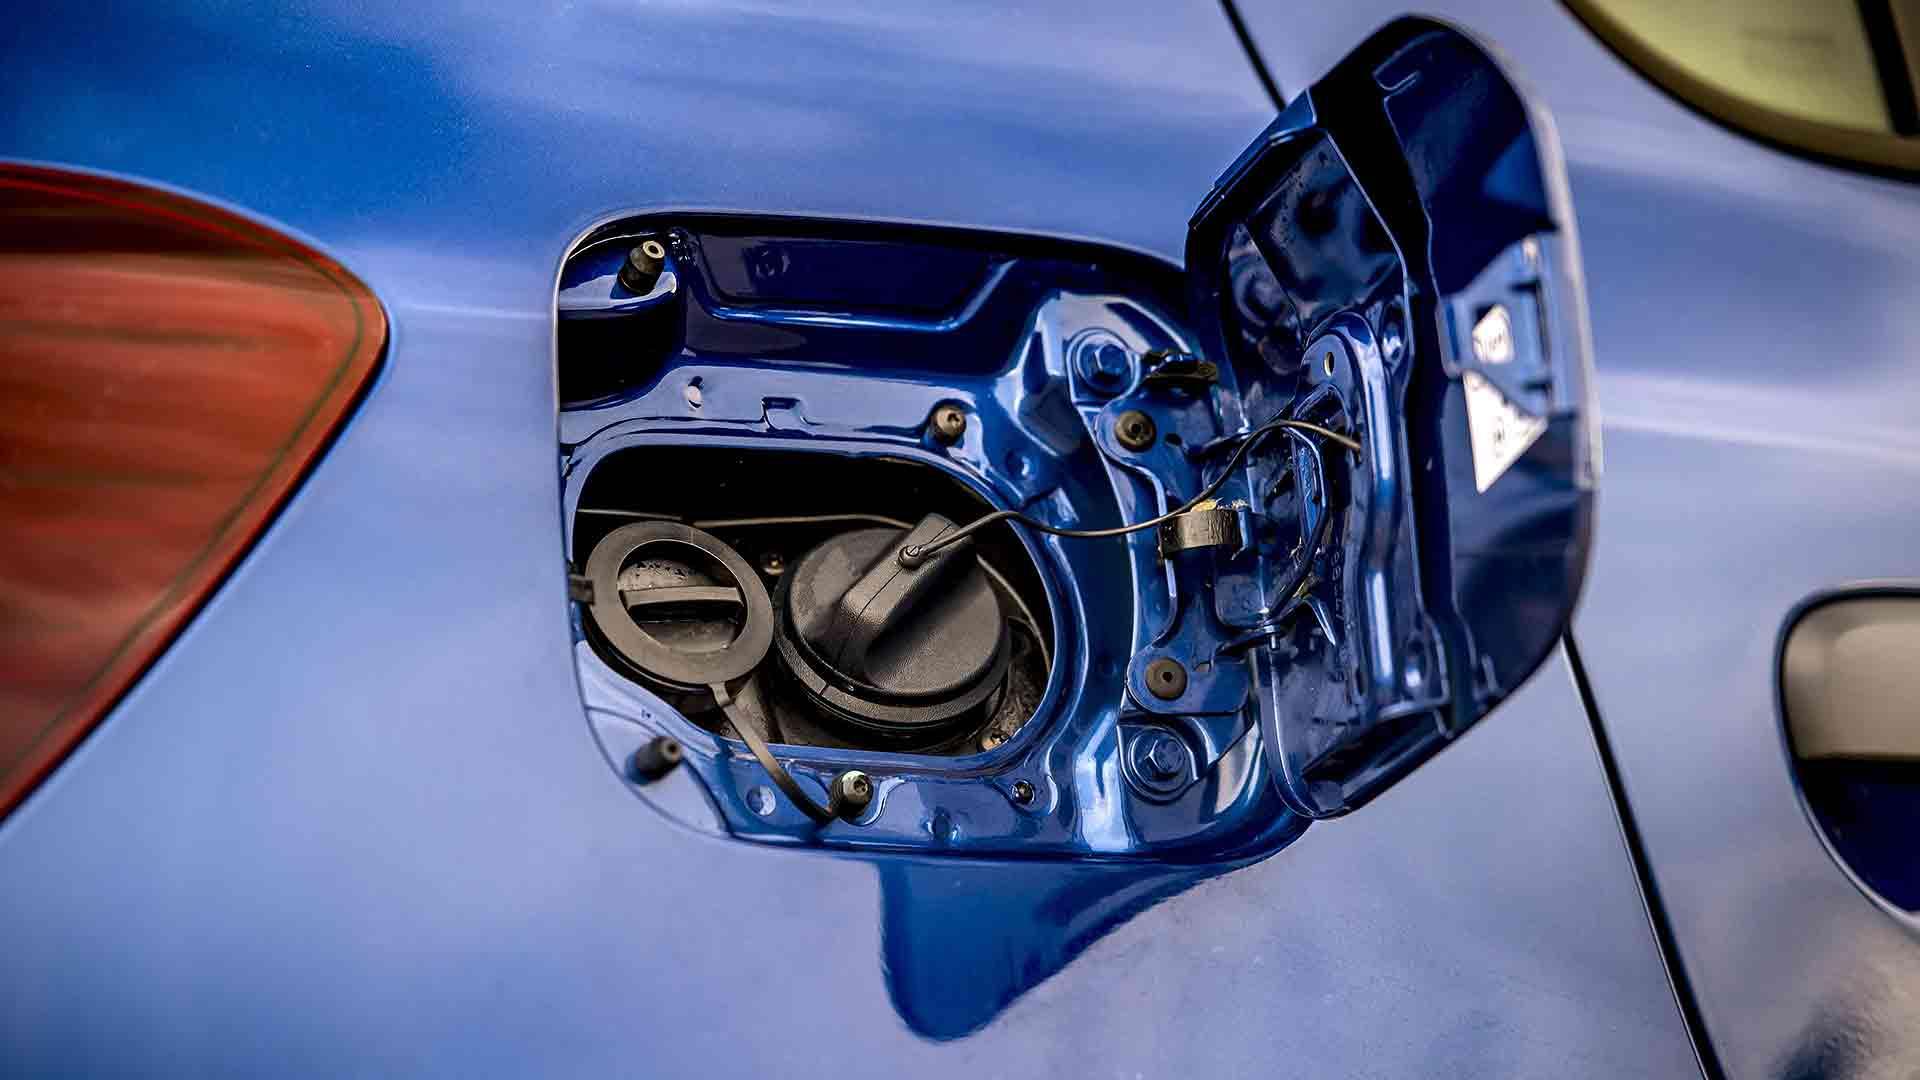 Dacia Sandero Bi-Fuel LPG and petrol filler